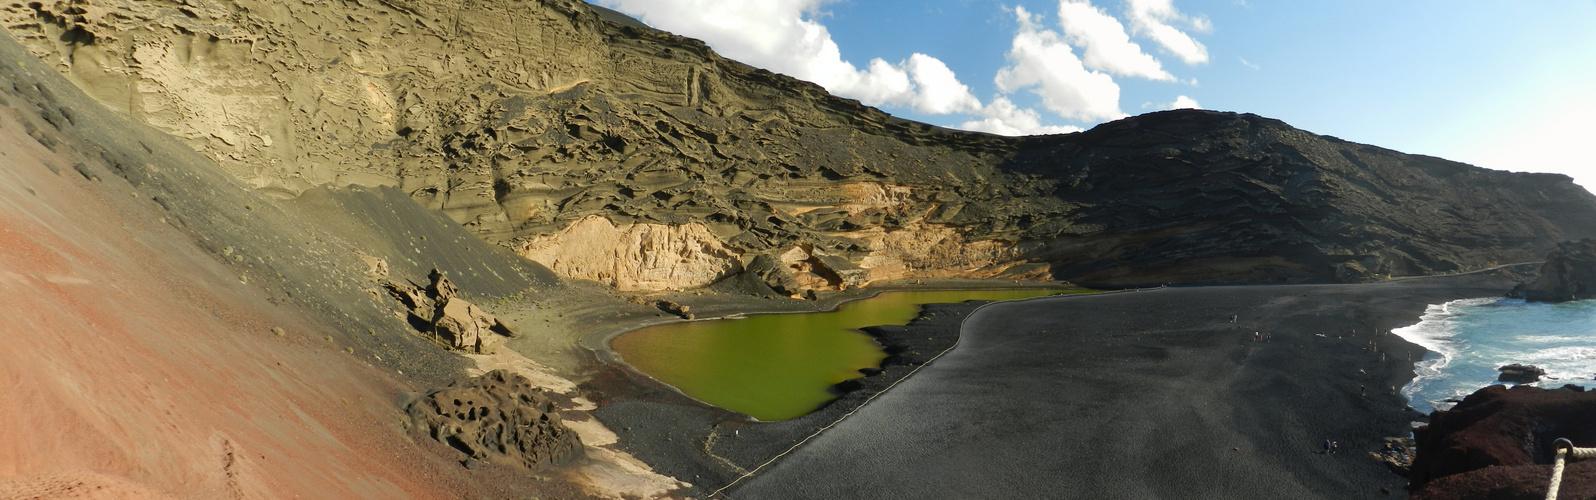 Grüne Lagune El Gölfo auf Lanzarote